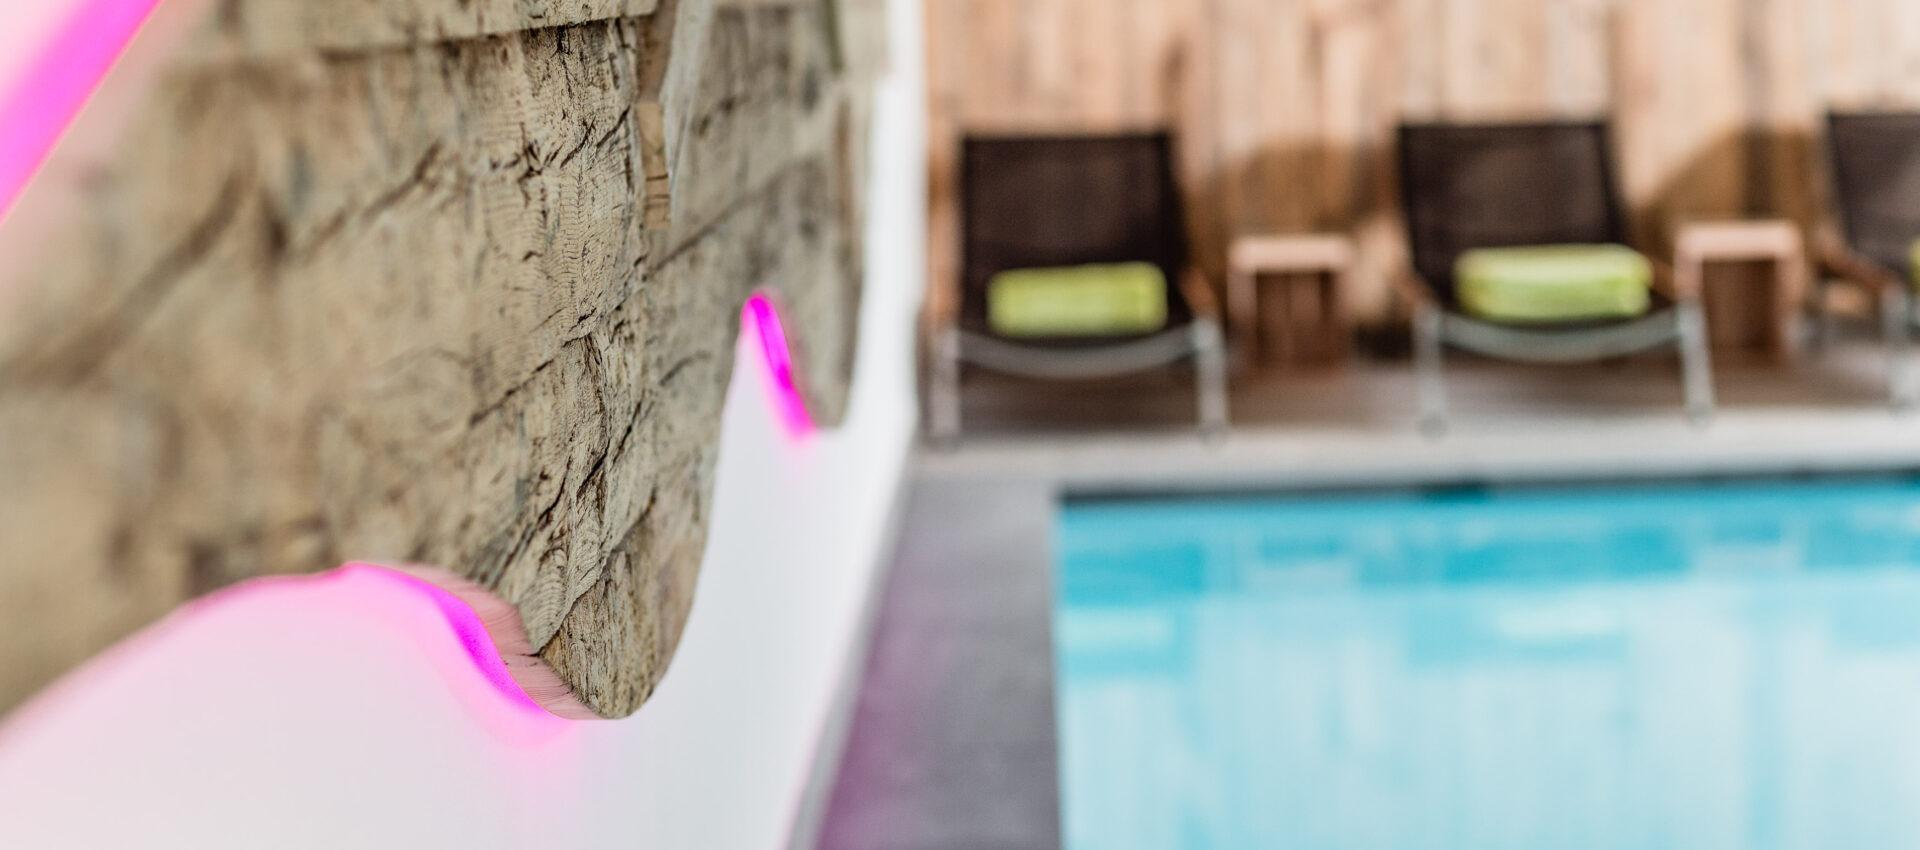 Atmosphäre Pool 4 Sterne Hotel in Lana Pfeiss - Meran - Südtirol 4 Sterne Hotel in Lana Pfeiss - Meran - Südtirol